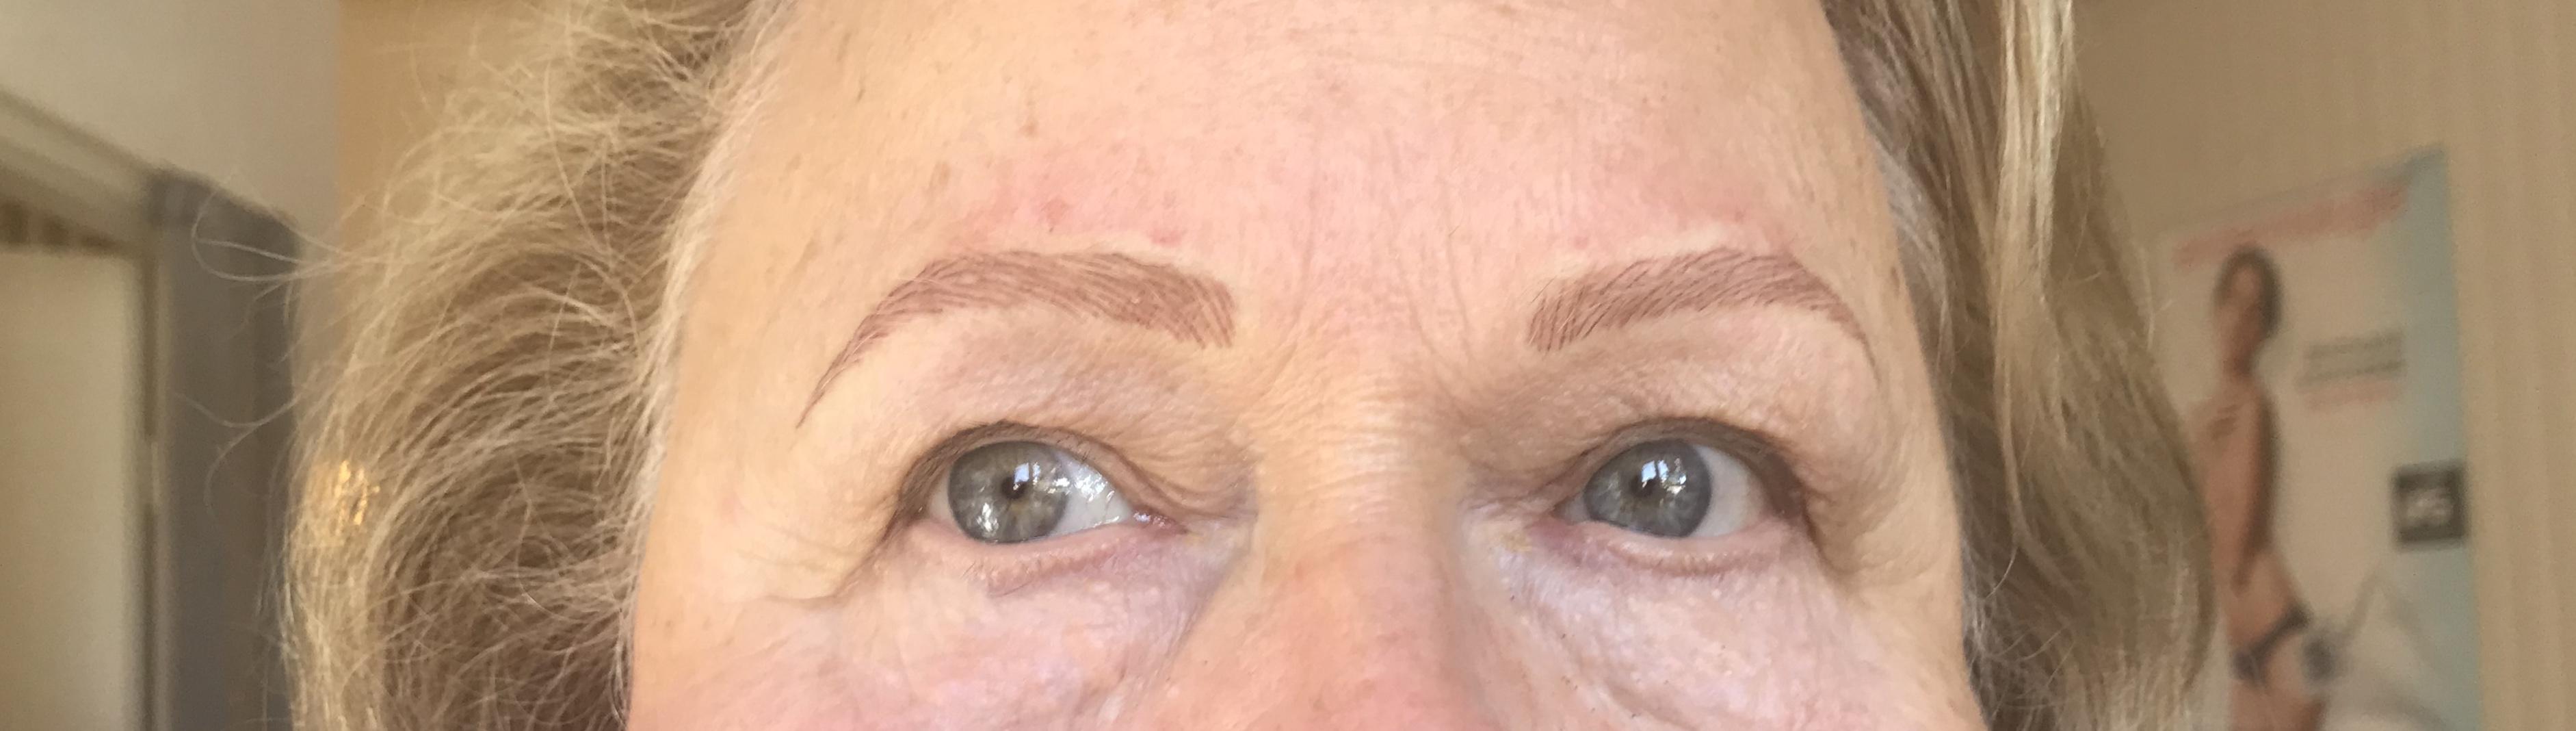 Dermopigmentation Sourcils Resultat